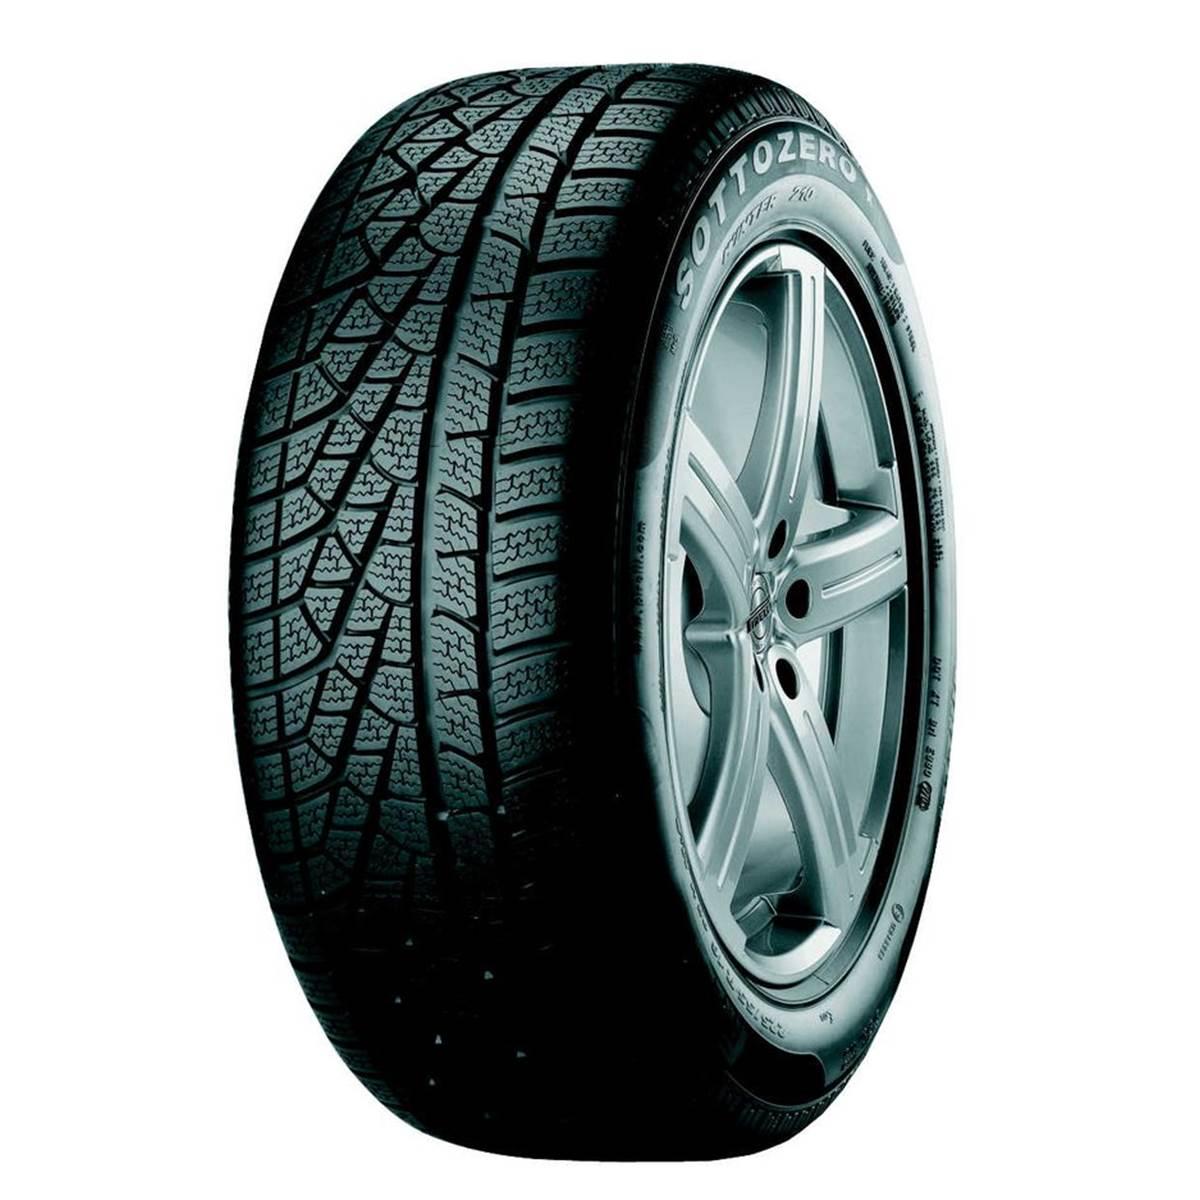 Pneu Pirelli 275/45R18 107V WINTER SOTTOZERO 3 XL